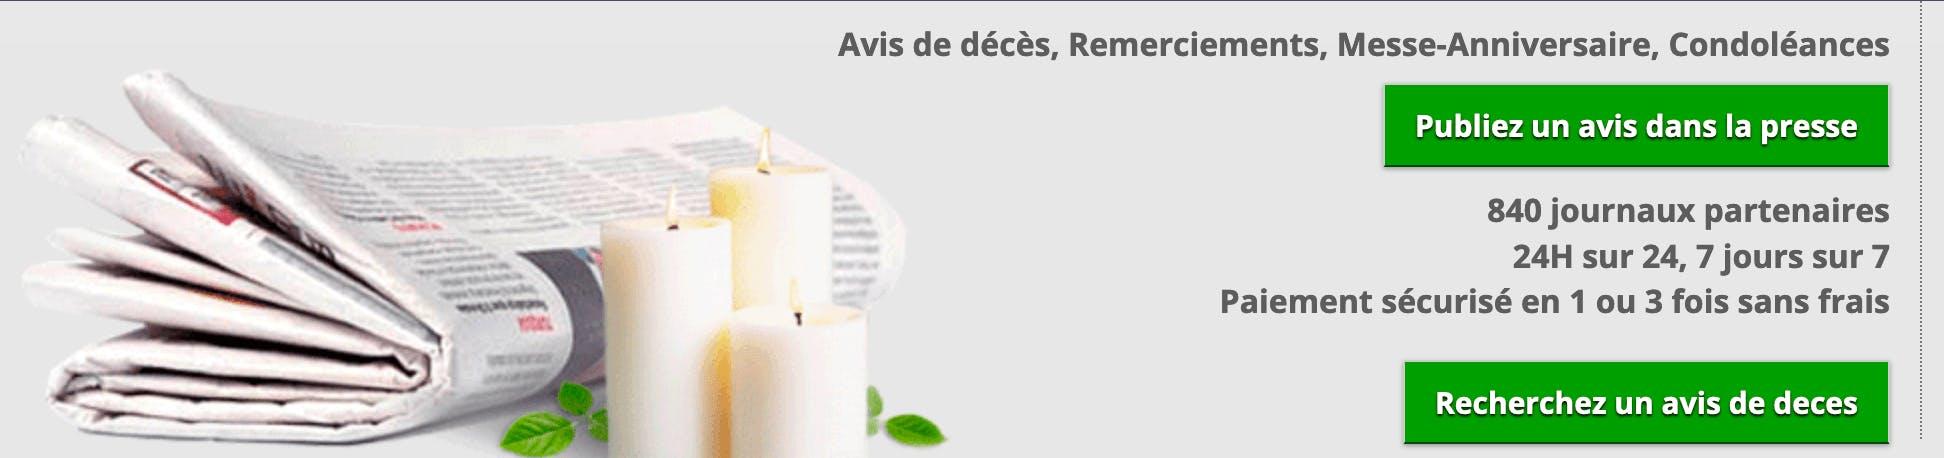 Image de l'offre avis-de-deces.com pour la publication d'avis de décès dans la presse